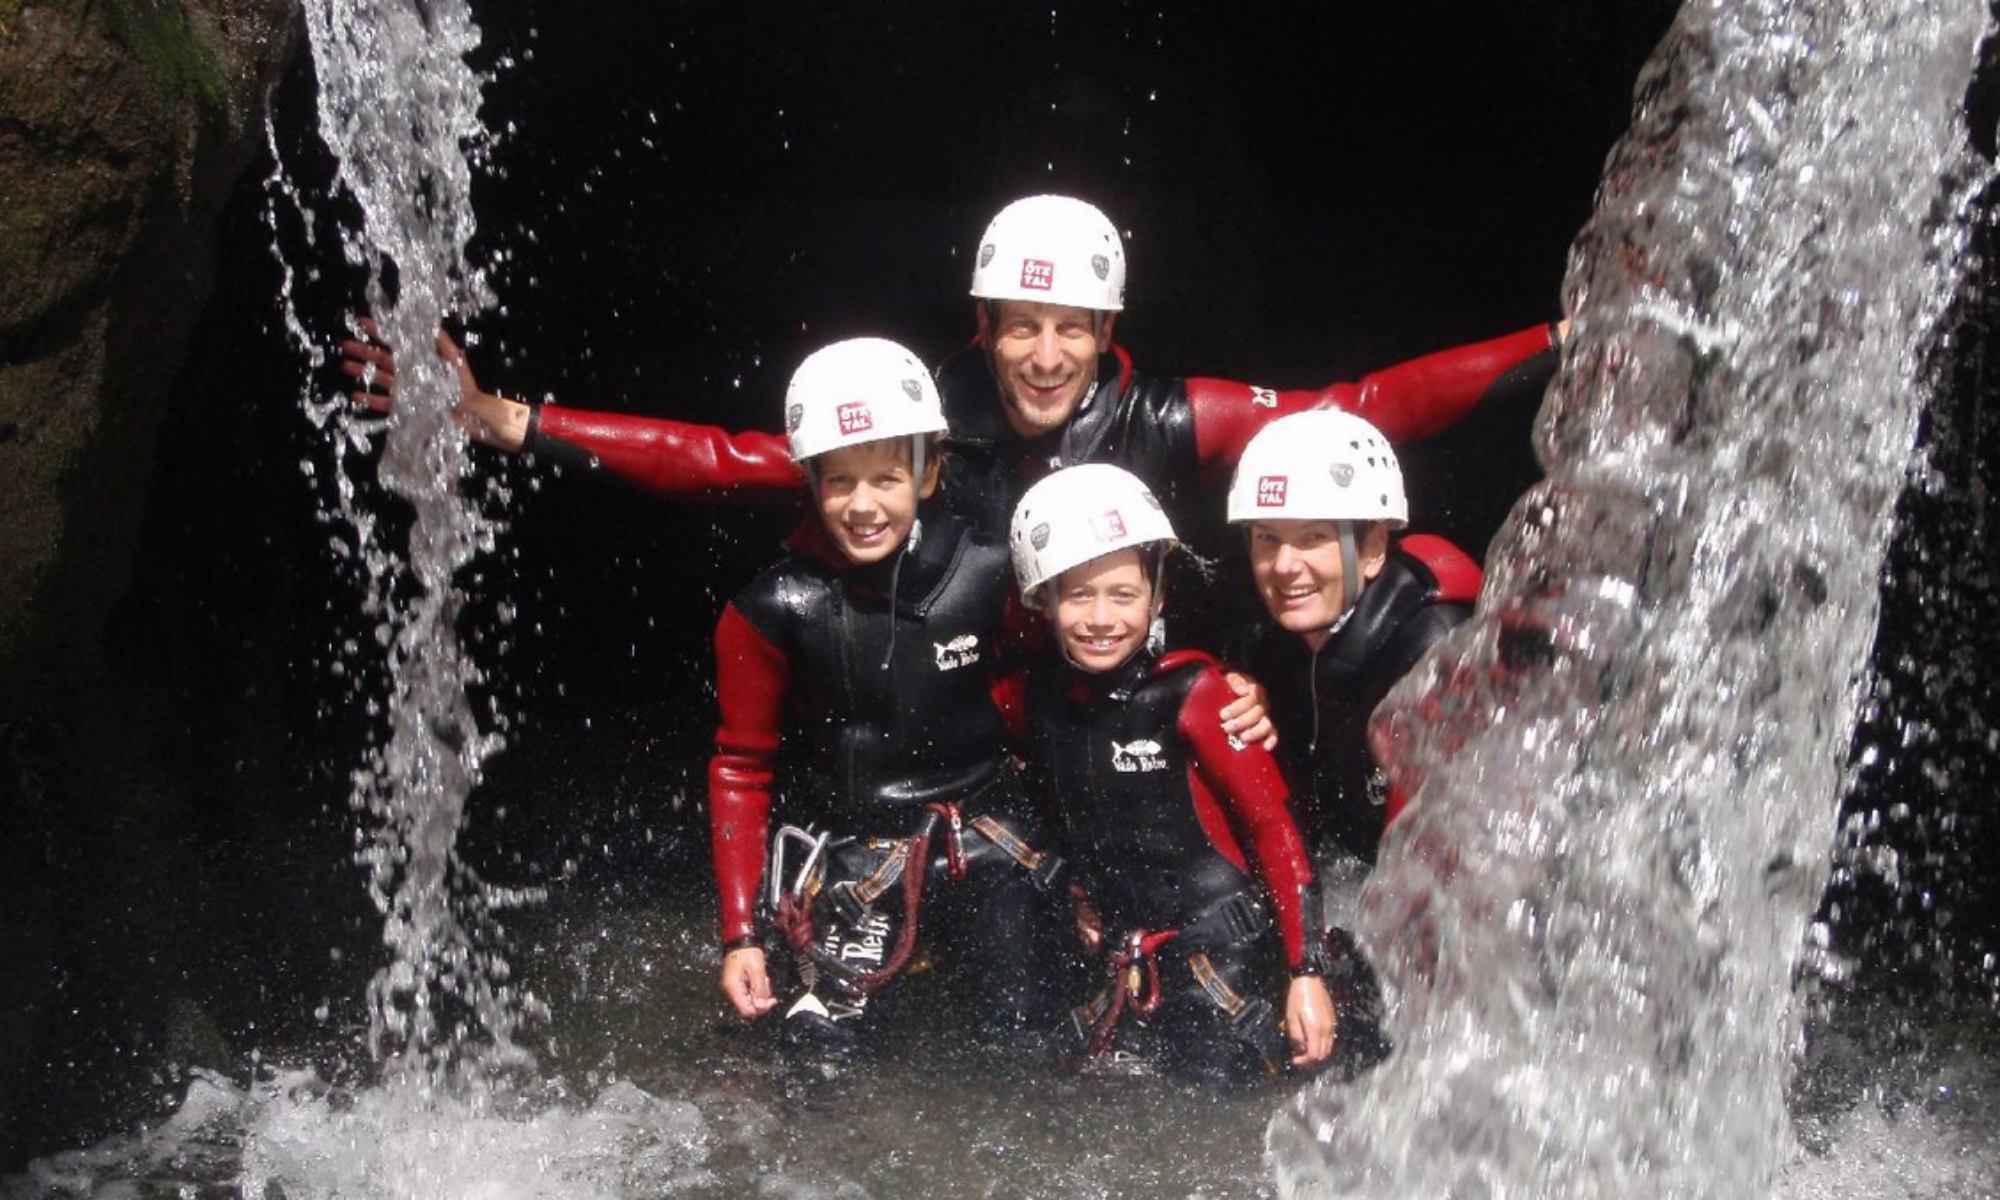 Eine Familie beim Canyoning in Tirol in einem Tümpel neben einem Wasserfall.